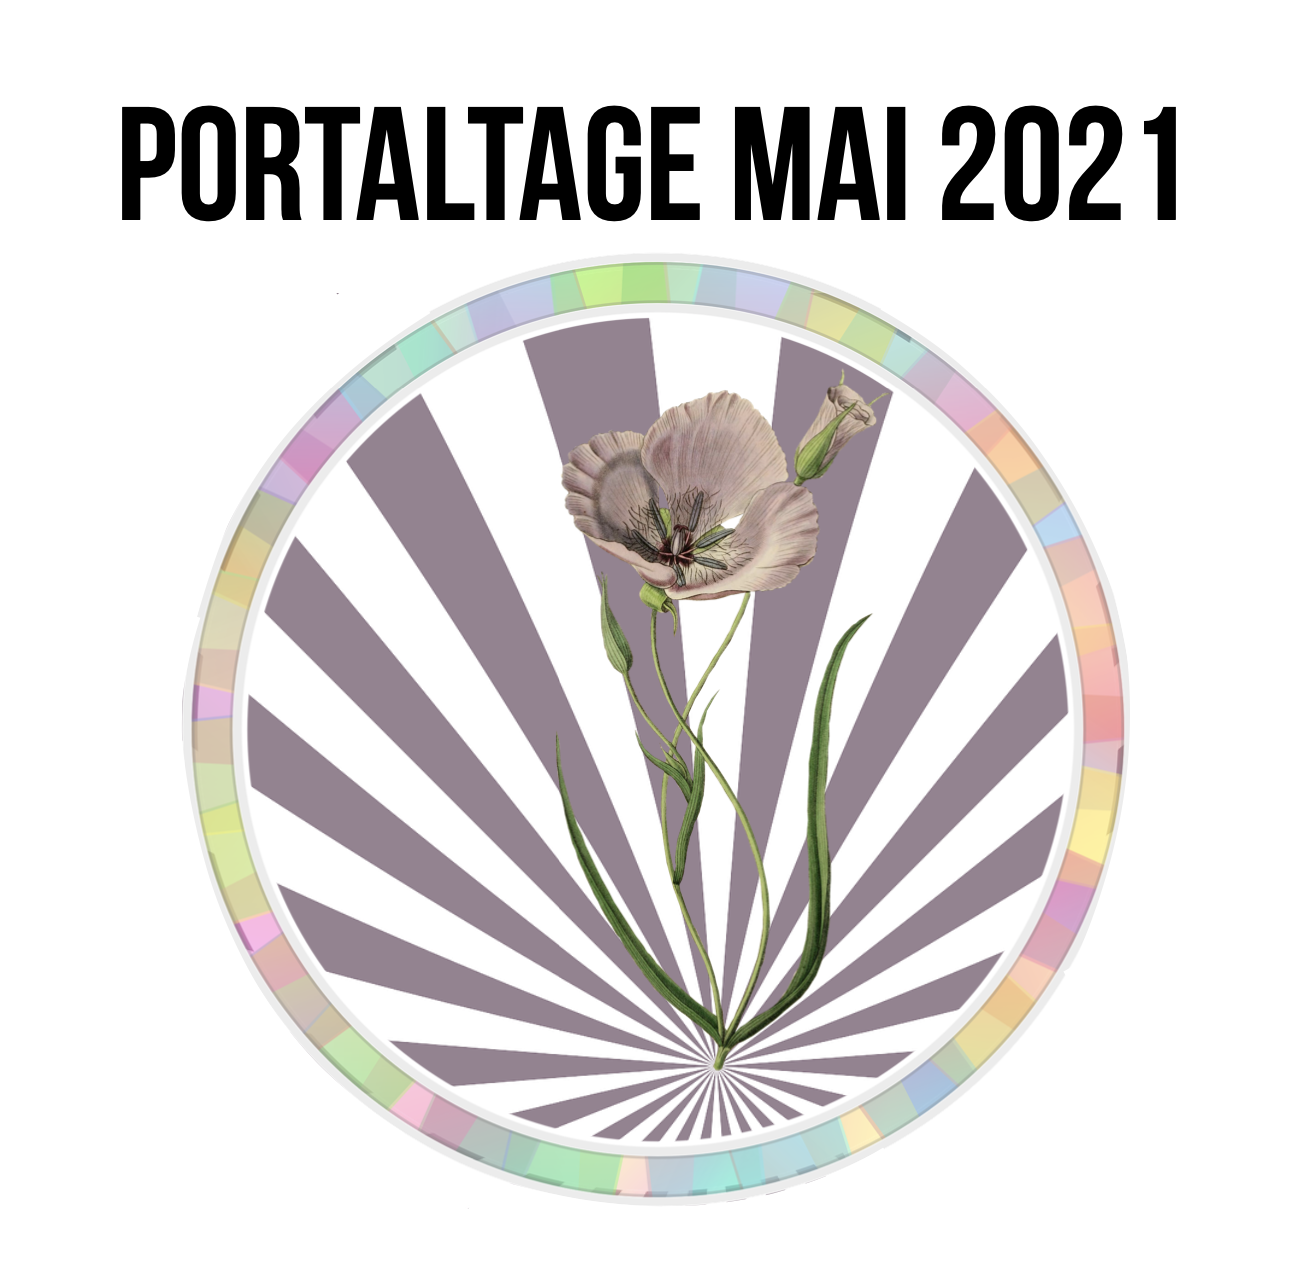 Portaltage im Mai 2021